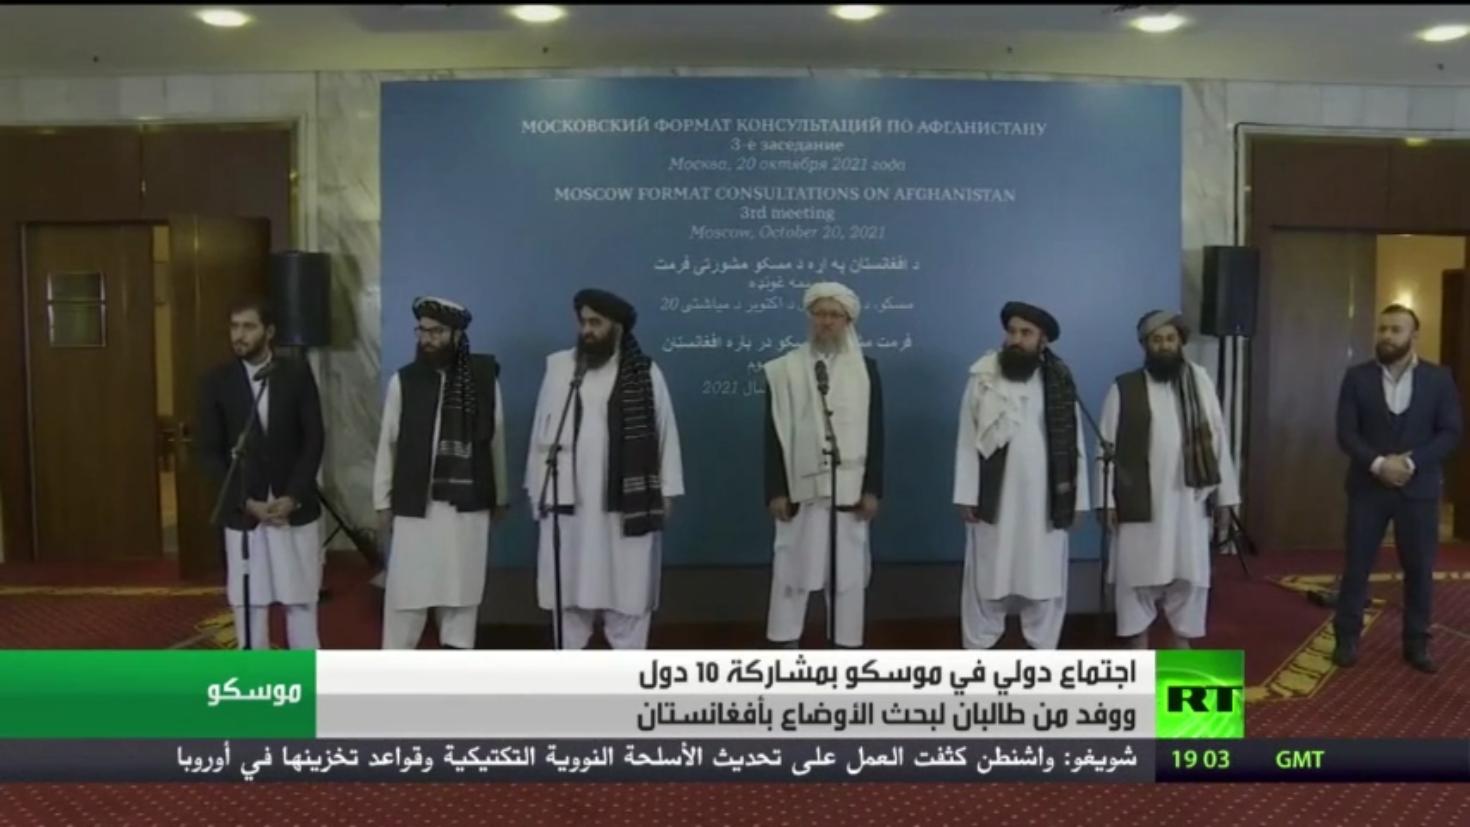 دعوات لطالبان لتشكيل حكومة شاملة بأفغانستان